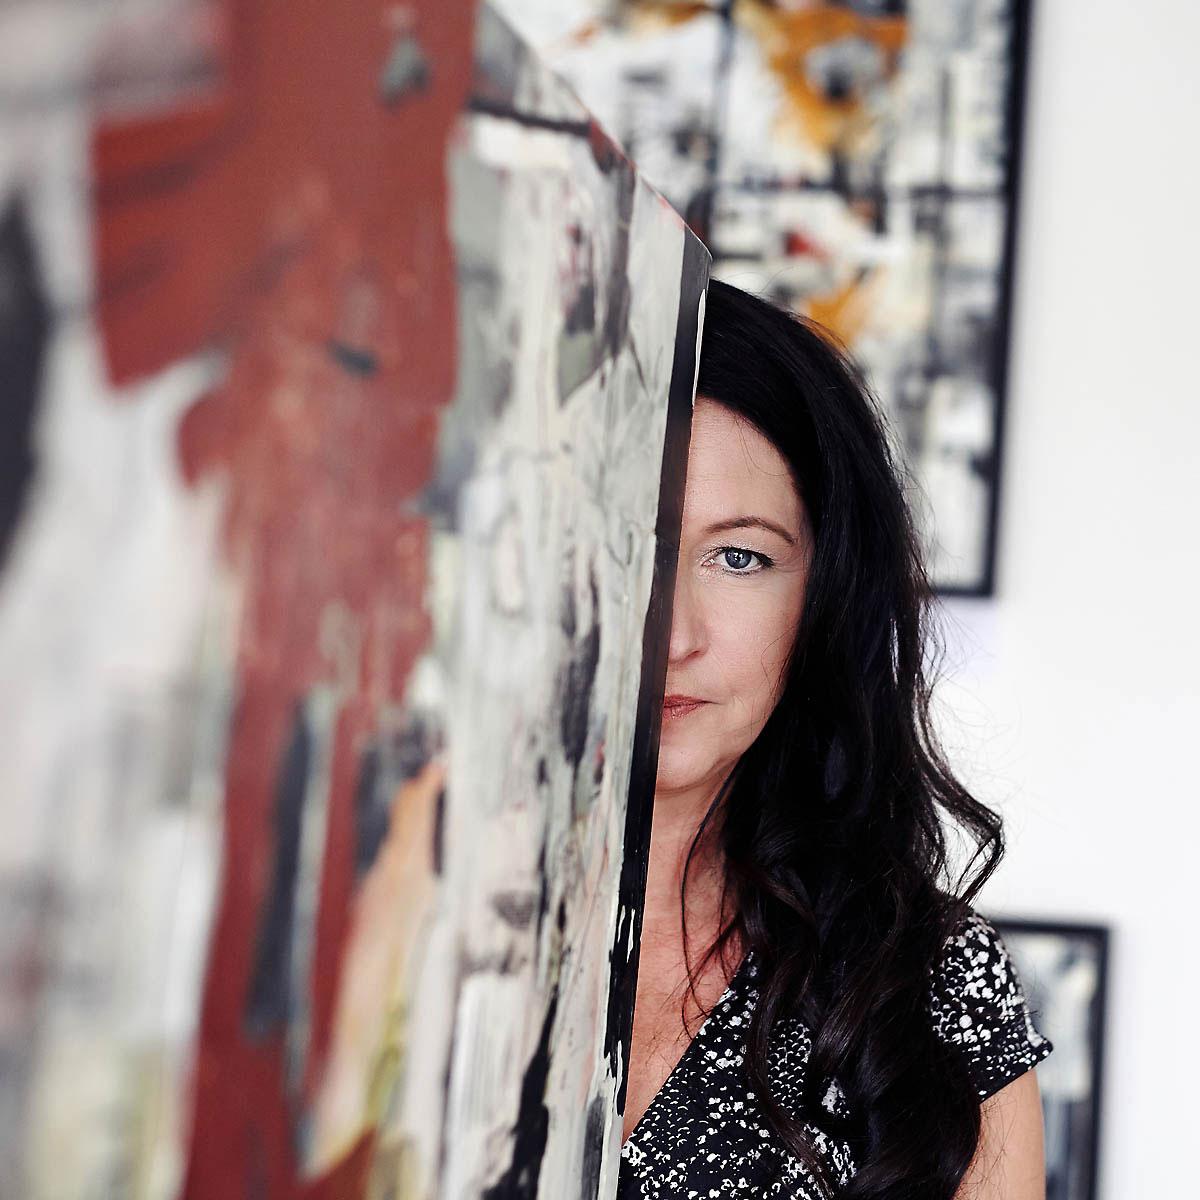 Christina_Steinwendtner_©Auftragsfoto-at_Christina_Steinwendtner-Sappert_MG_7914